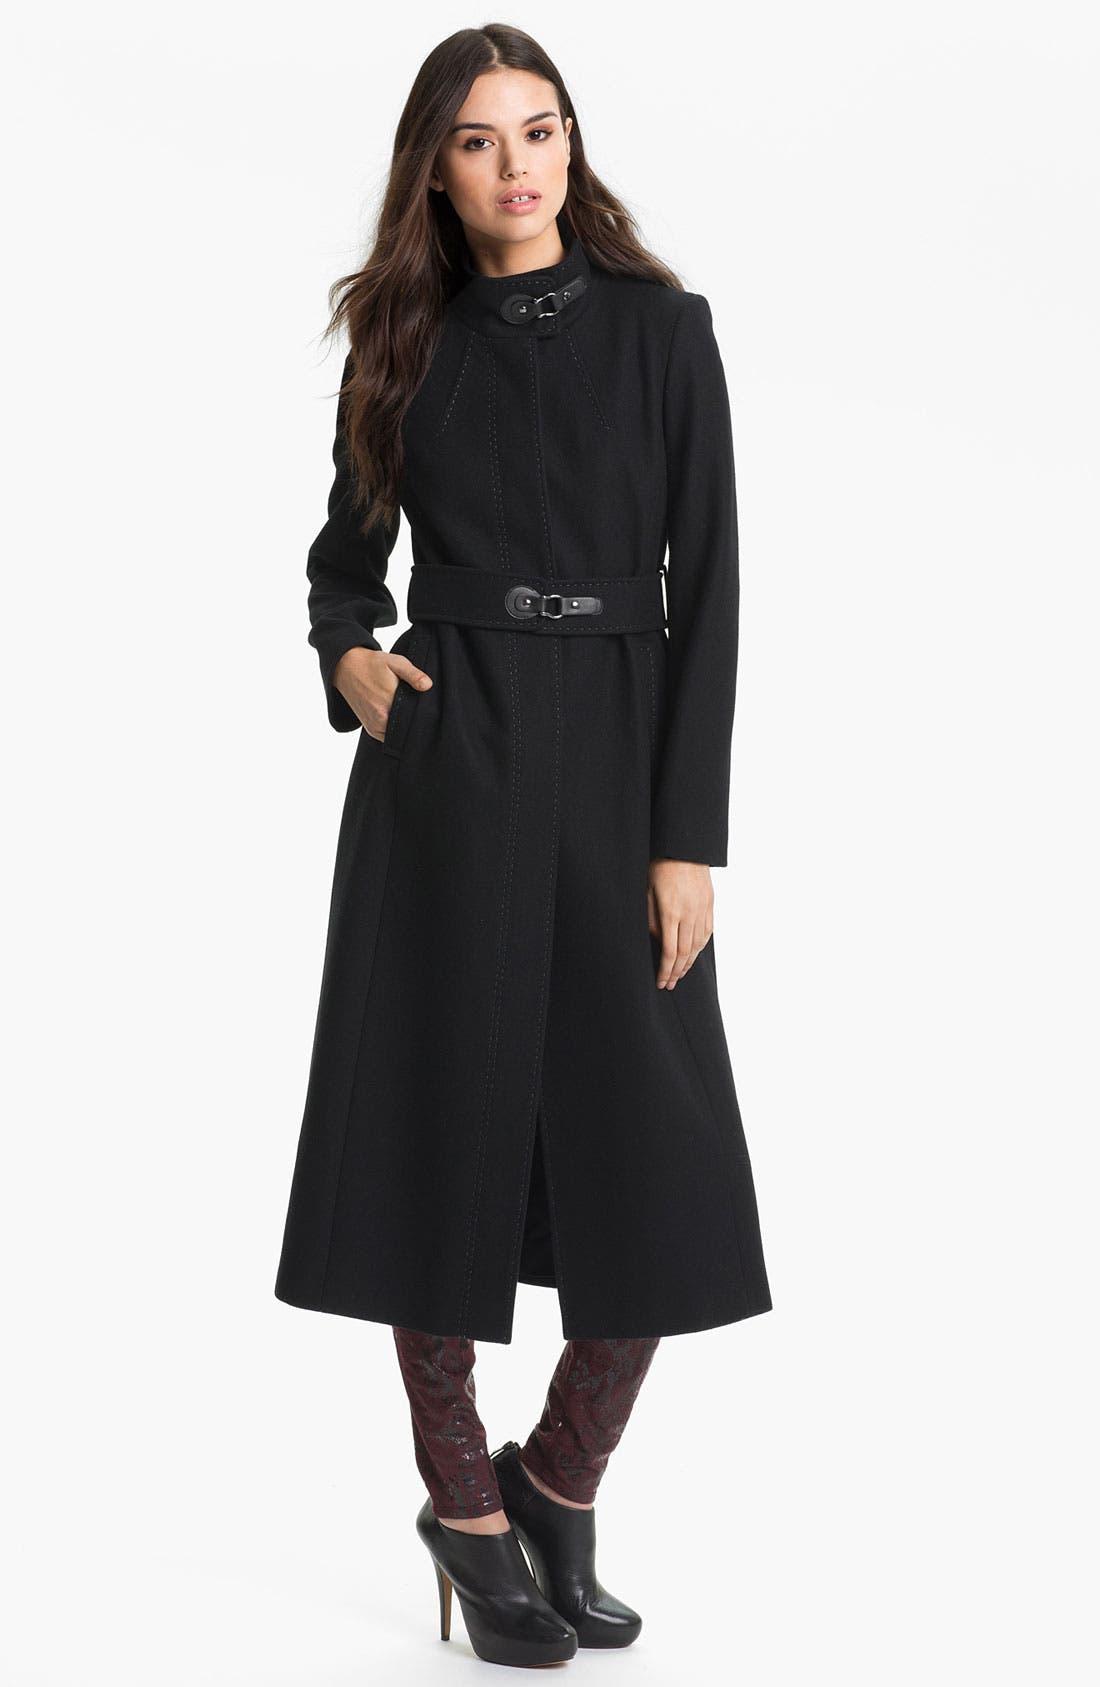 Alternate Image 1 Selected - Via Spiga 'Maria' Tab Trim Coat (Nordstrom Exclusive)